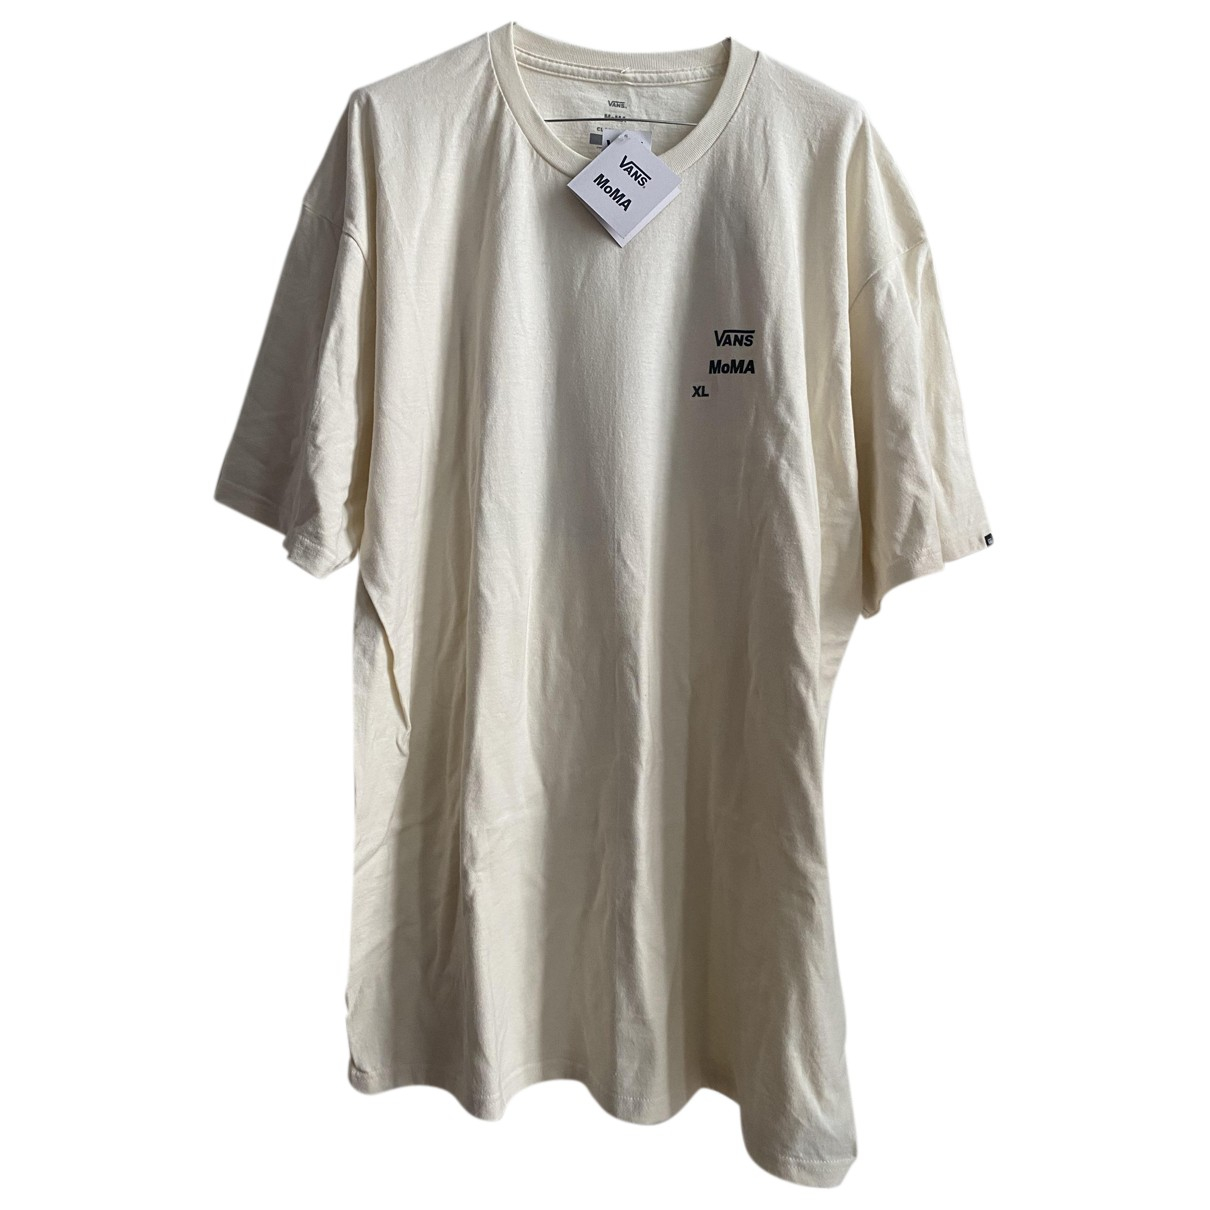 Vans - Tee shirts   pour homme en coton - blanc